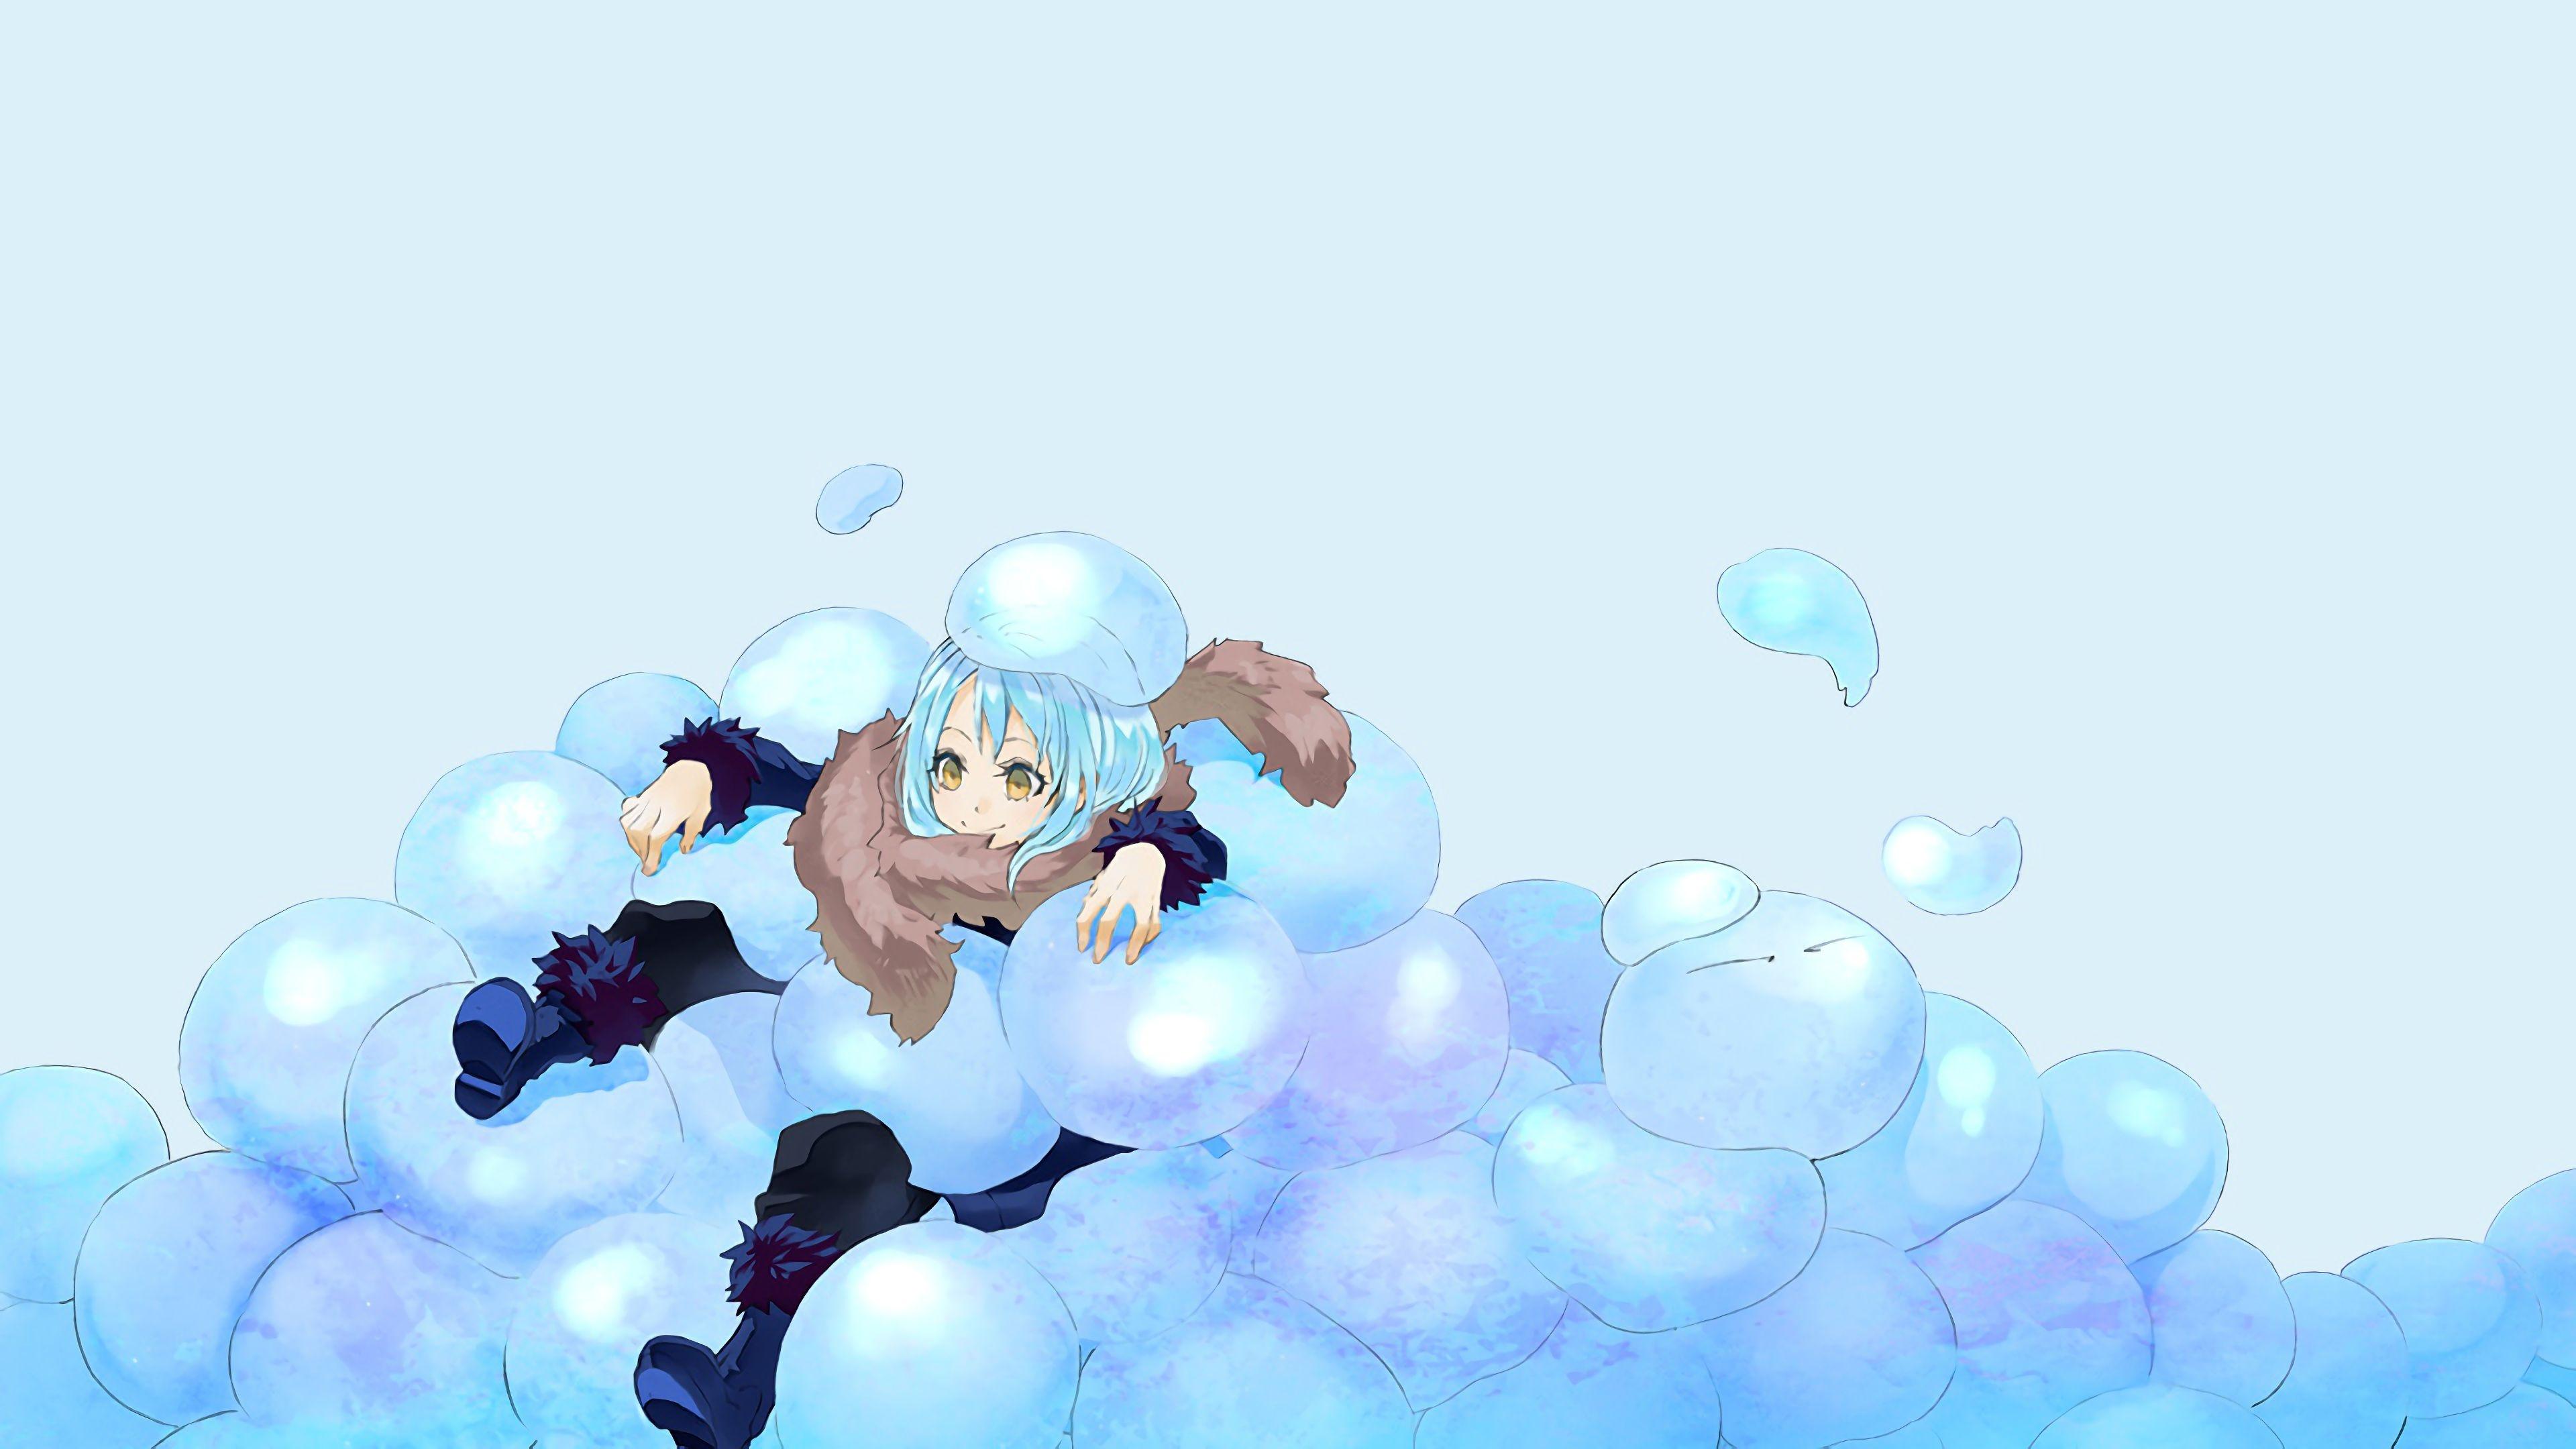 Tensei Shitara Slime Datta Ken Image By Vidian Wahyu Kusuma